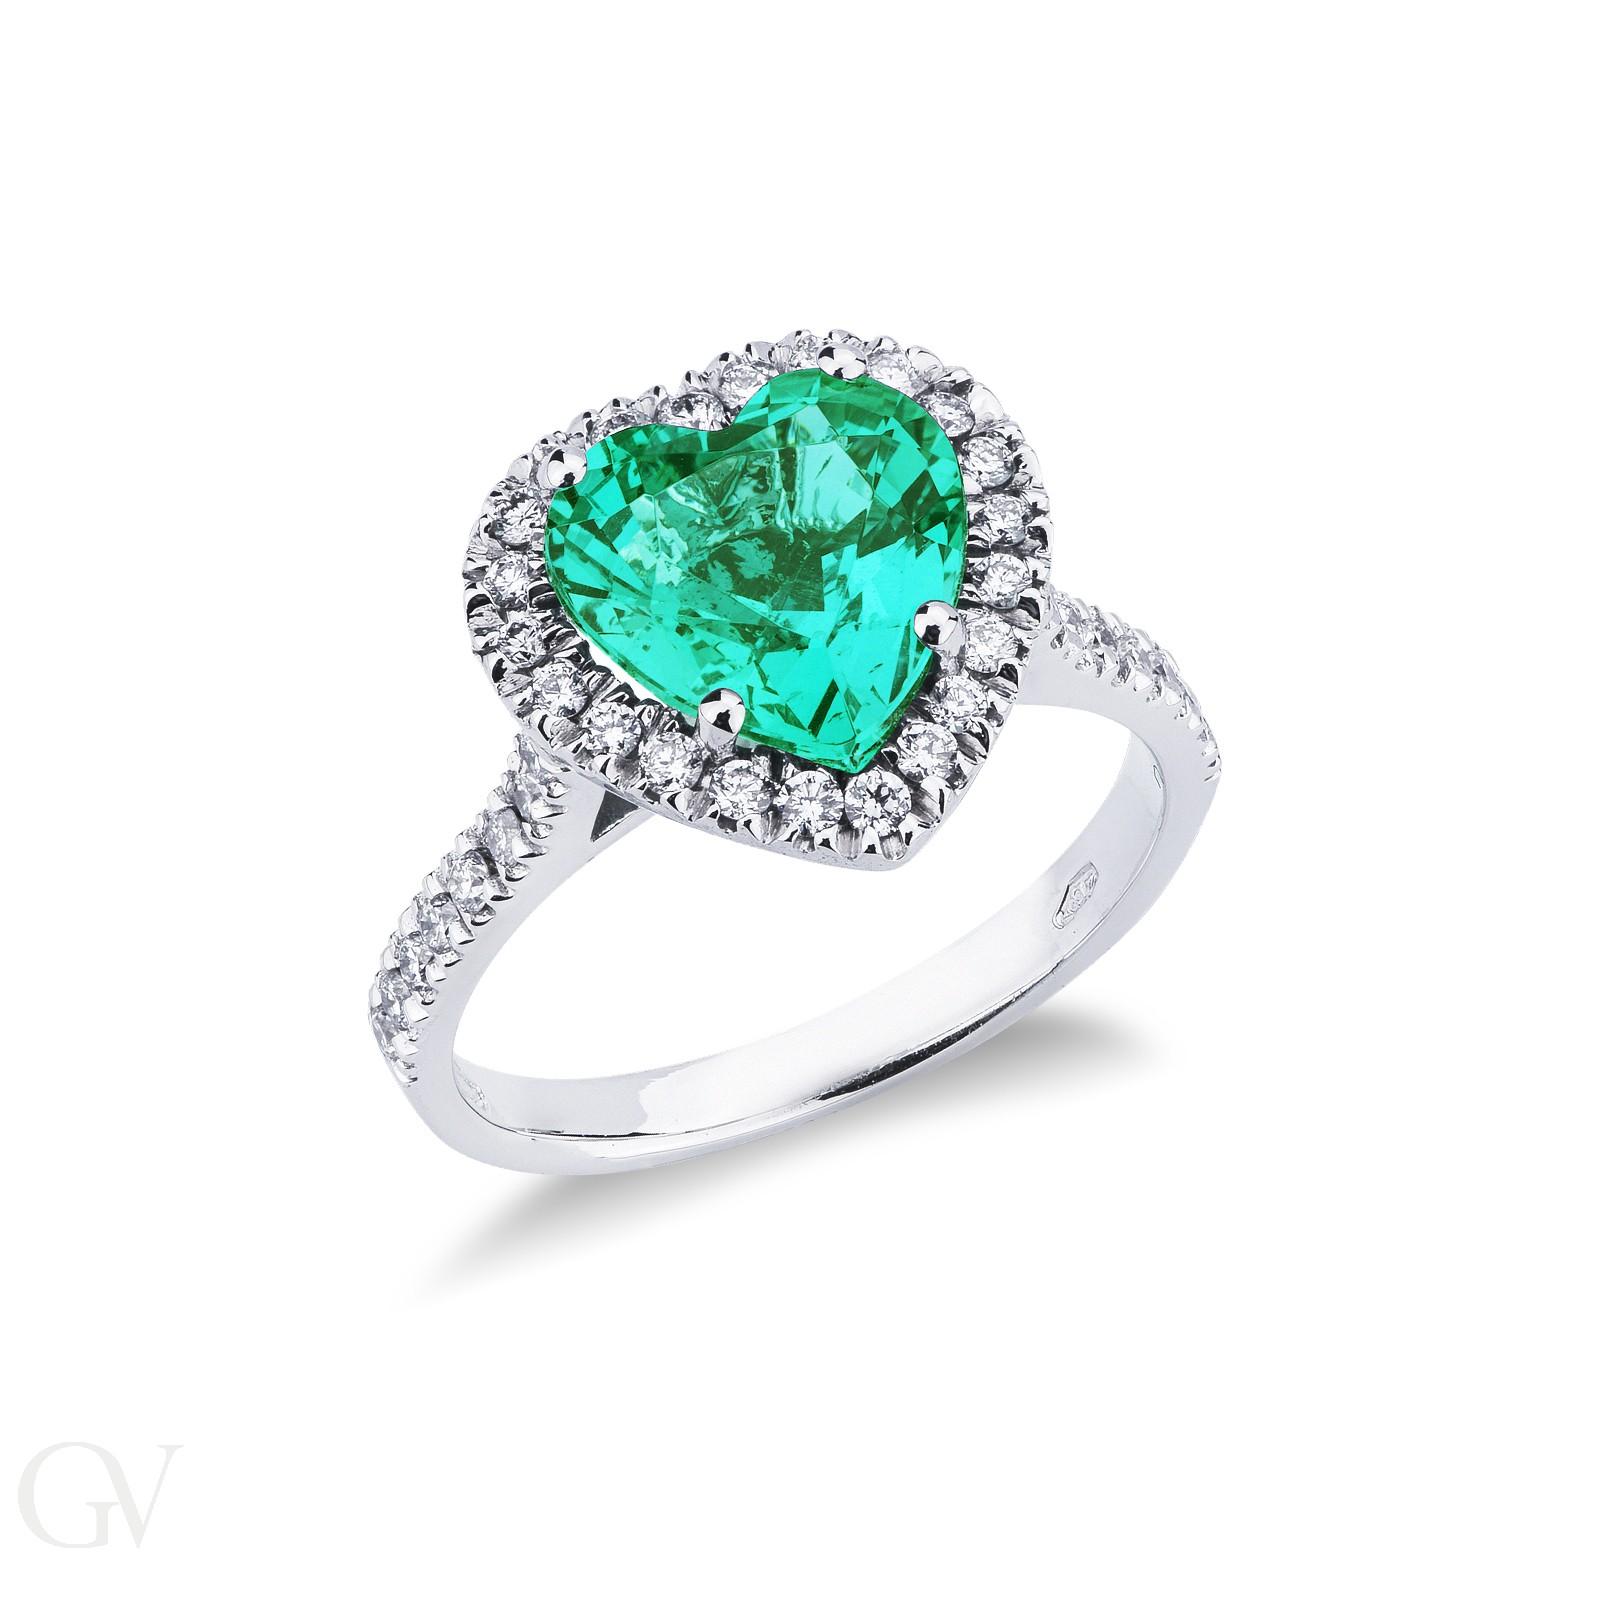 Anello in oro bianco 18k con smeraldo taglio cuore e contorno di diamanti.